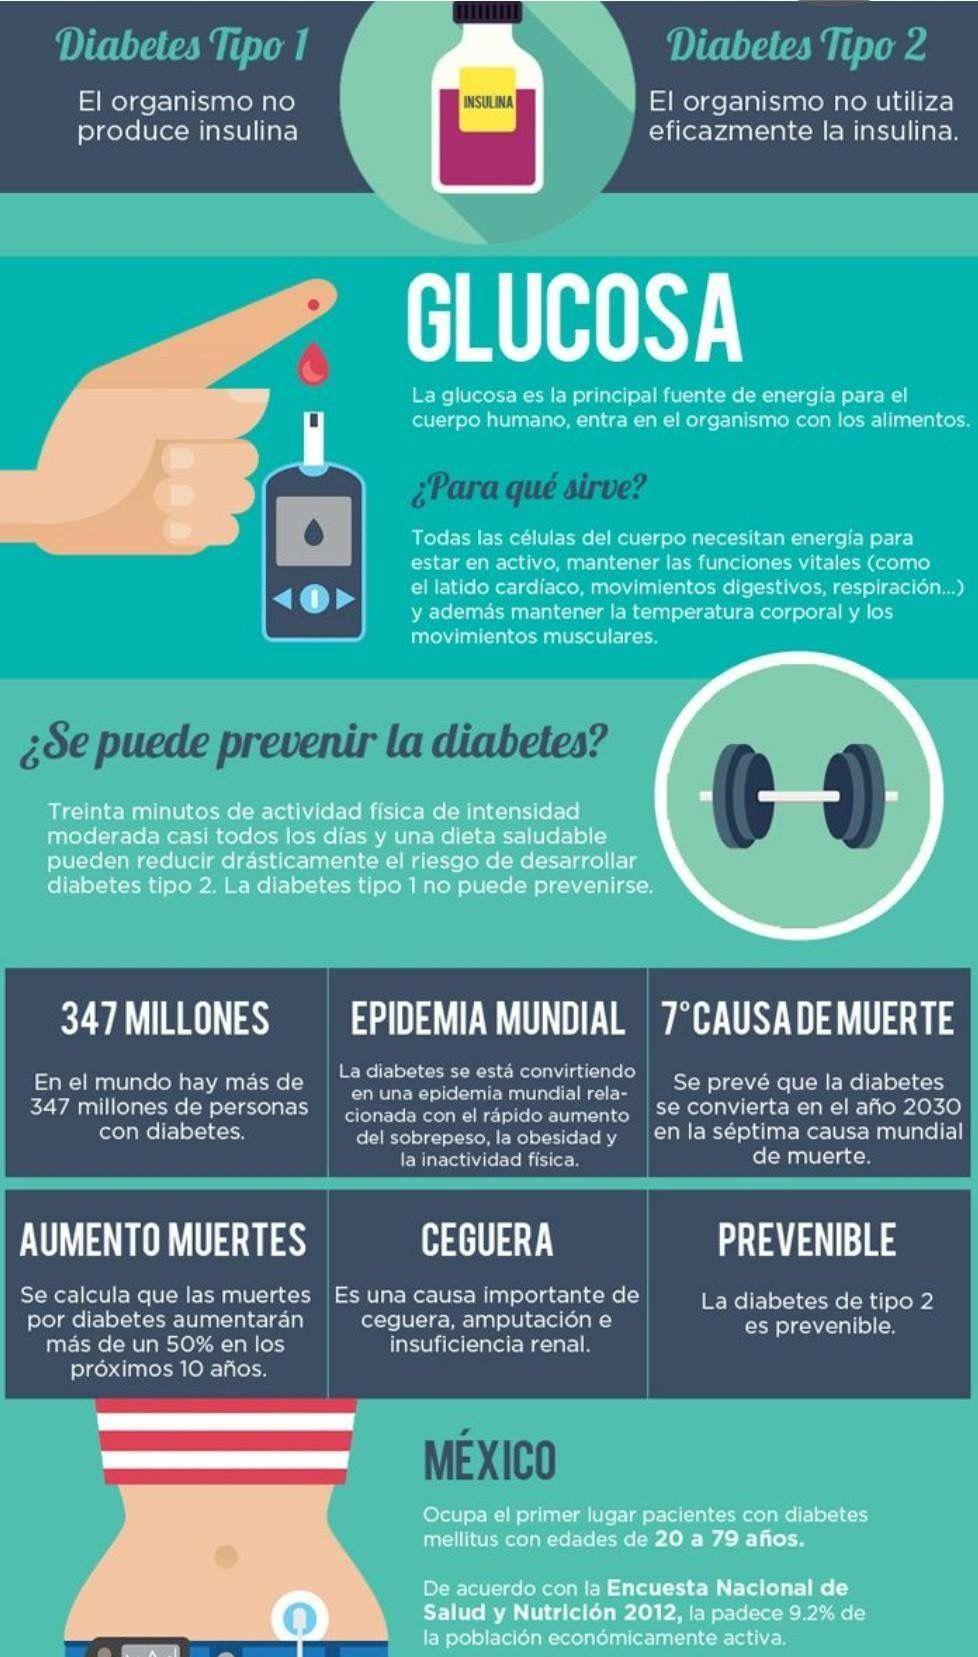 estudiantes de medicina con diabetes tipo 1